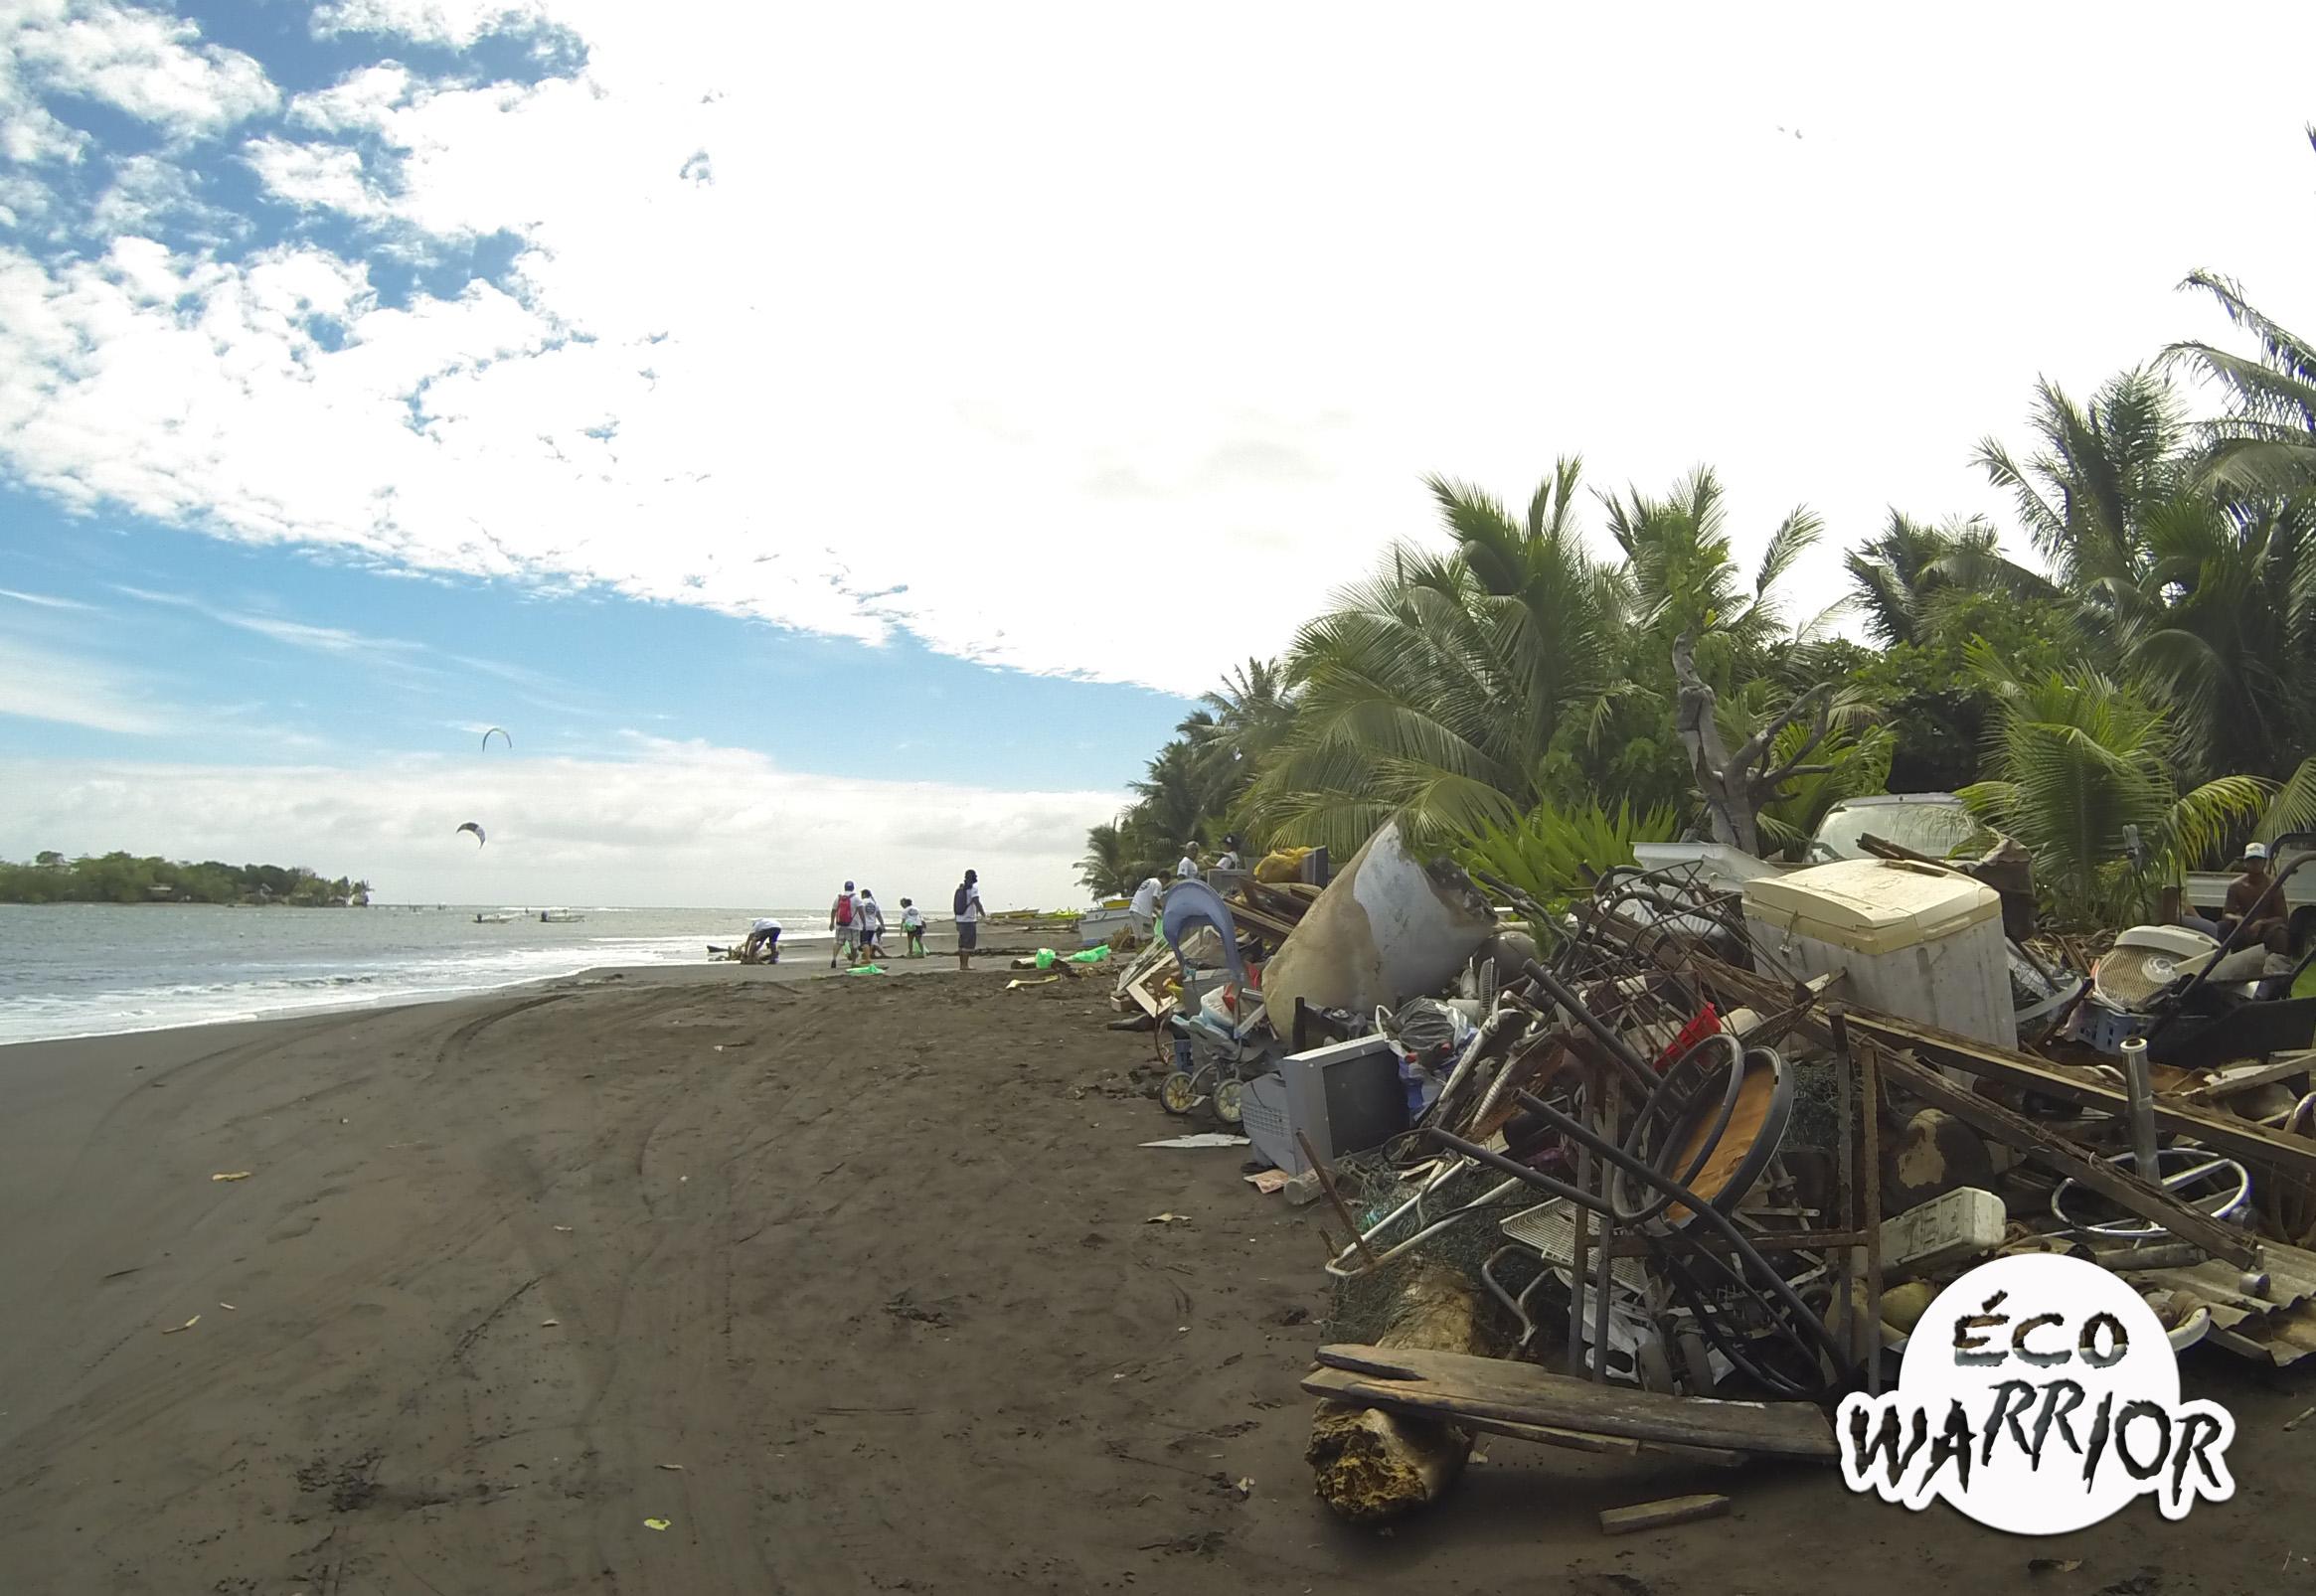 """Opération """"Éco Warrior"""" : la Brigade verte ramasse 2,3 tonnes de déchets à Faa'a"""